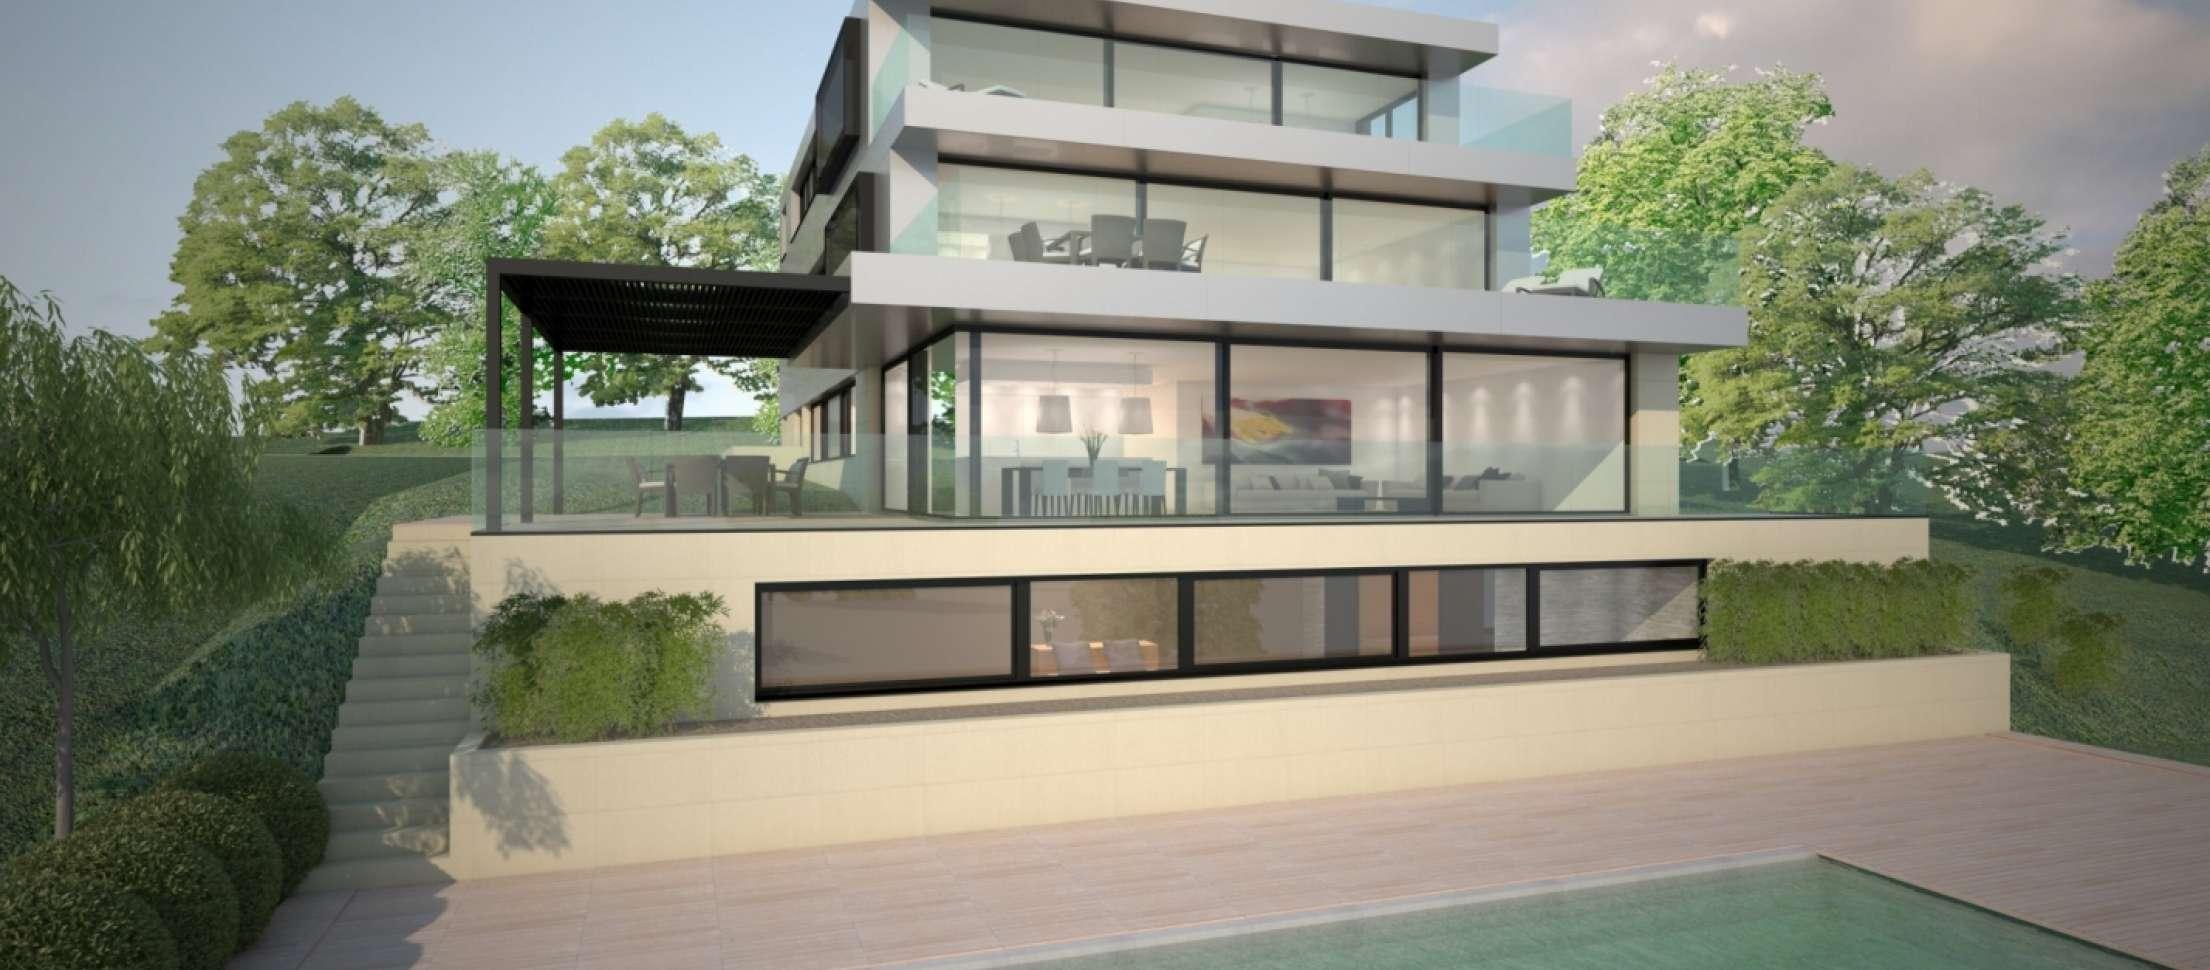 Wohnungsbau, Tragwerksplanung, Bauingenieurwesen, Mehrfamilienhaus ...